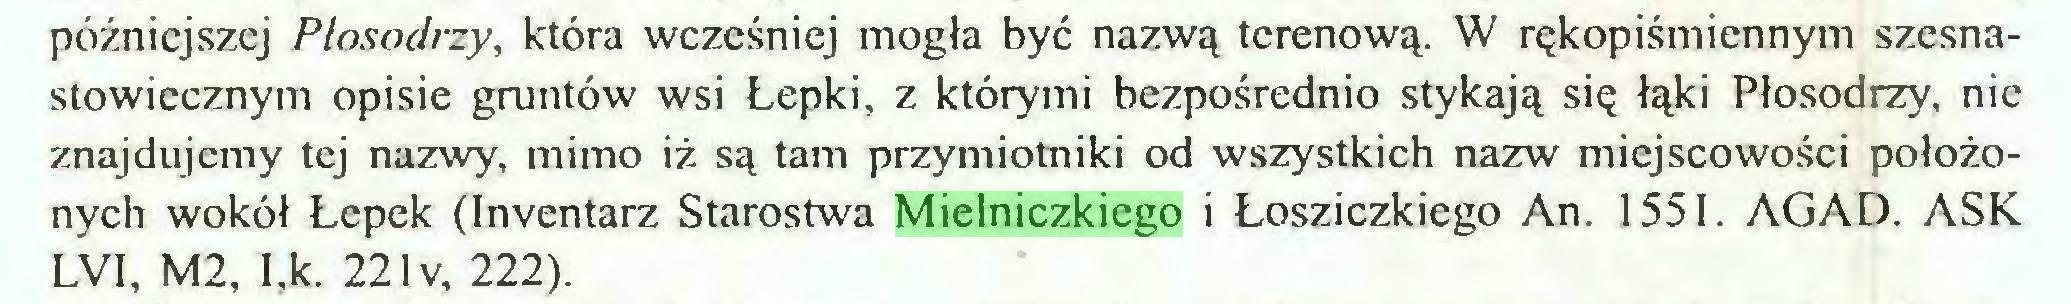 (...) późniejszej Plosodrzy, która wcześniej mogła być nazwą terenową. W rękopiśmiennym szesnastowiccznym opisie gruntów wsi Lepki, z którymi bezpośrednio stykają się łąki Płosodrzy, nie znajdujemy tej nazwy, mimo iż są tam przymiotniki od wszystkich nazw miejscowości położonych wokół Łepek (Inventarz Starostwa Mielniczkiego i Łosziczkiego An. 1551. AGAD. ASK LVI, M2, I,k. 22 lv, 222)...